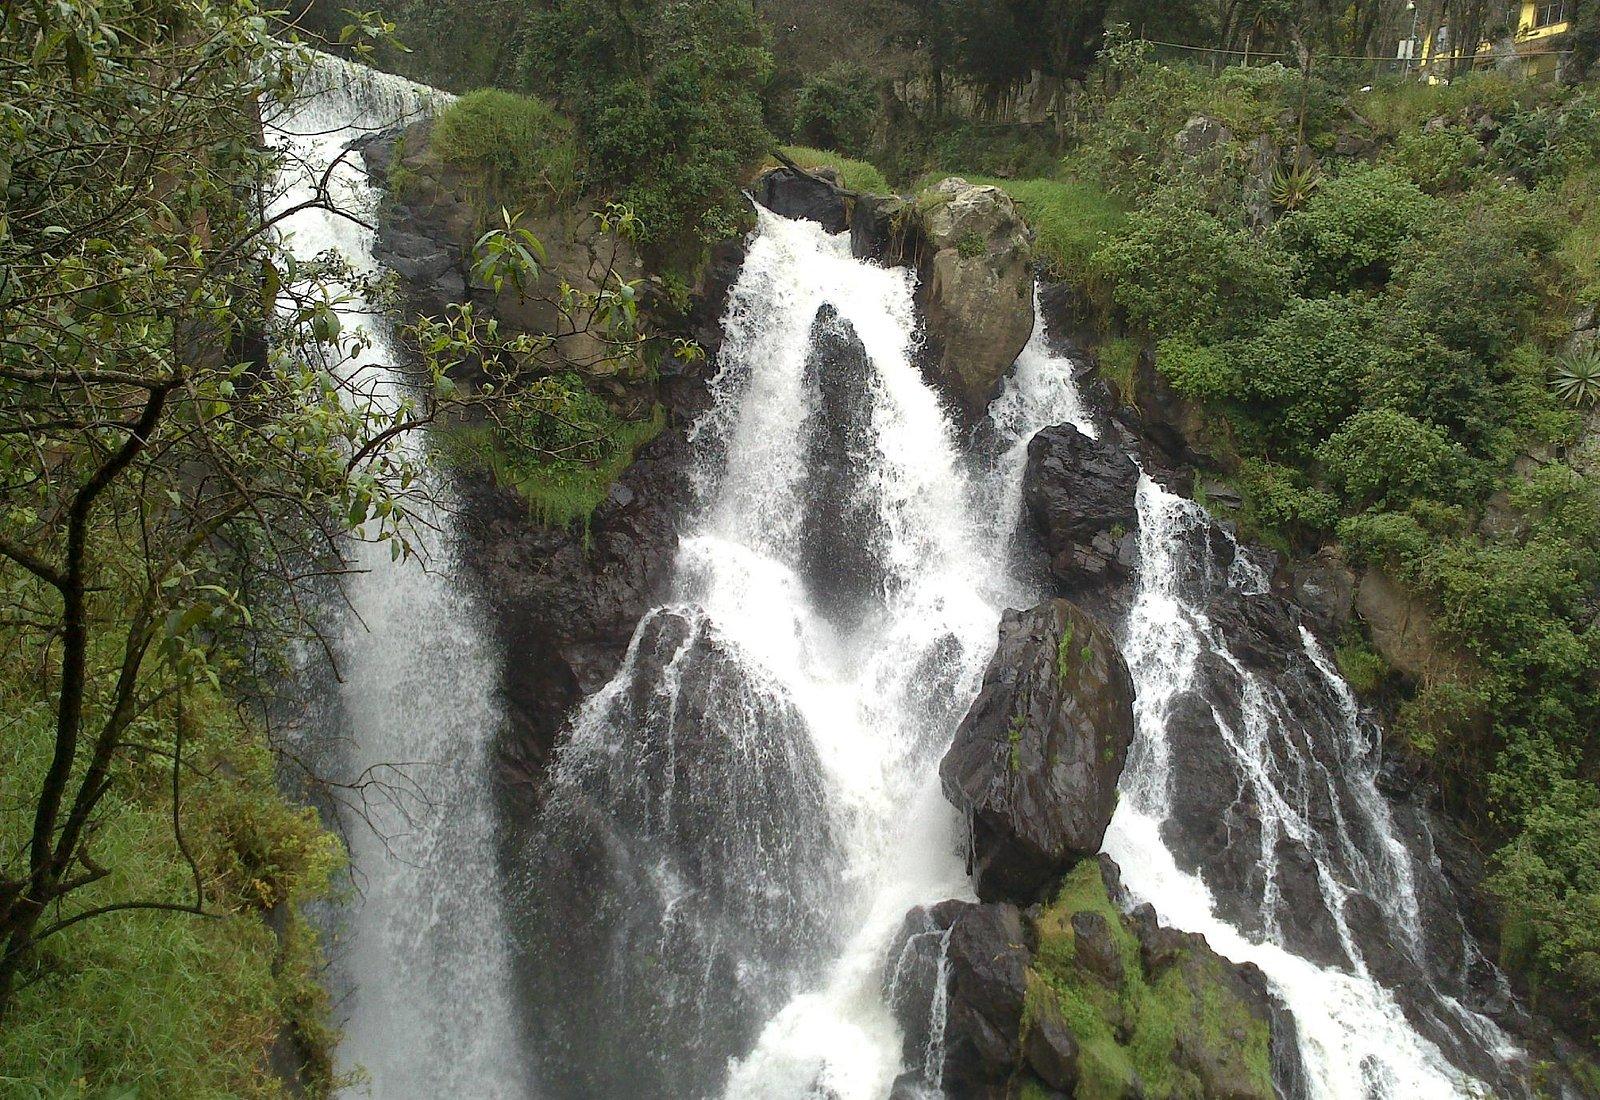 Vista de la cascada bajando la escalinata